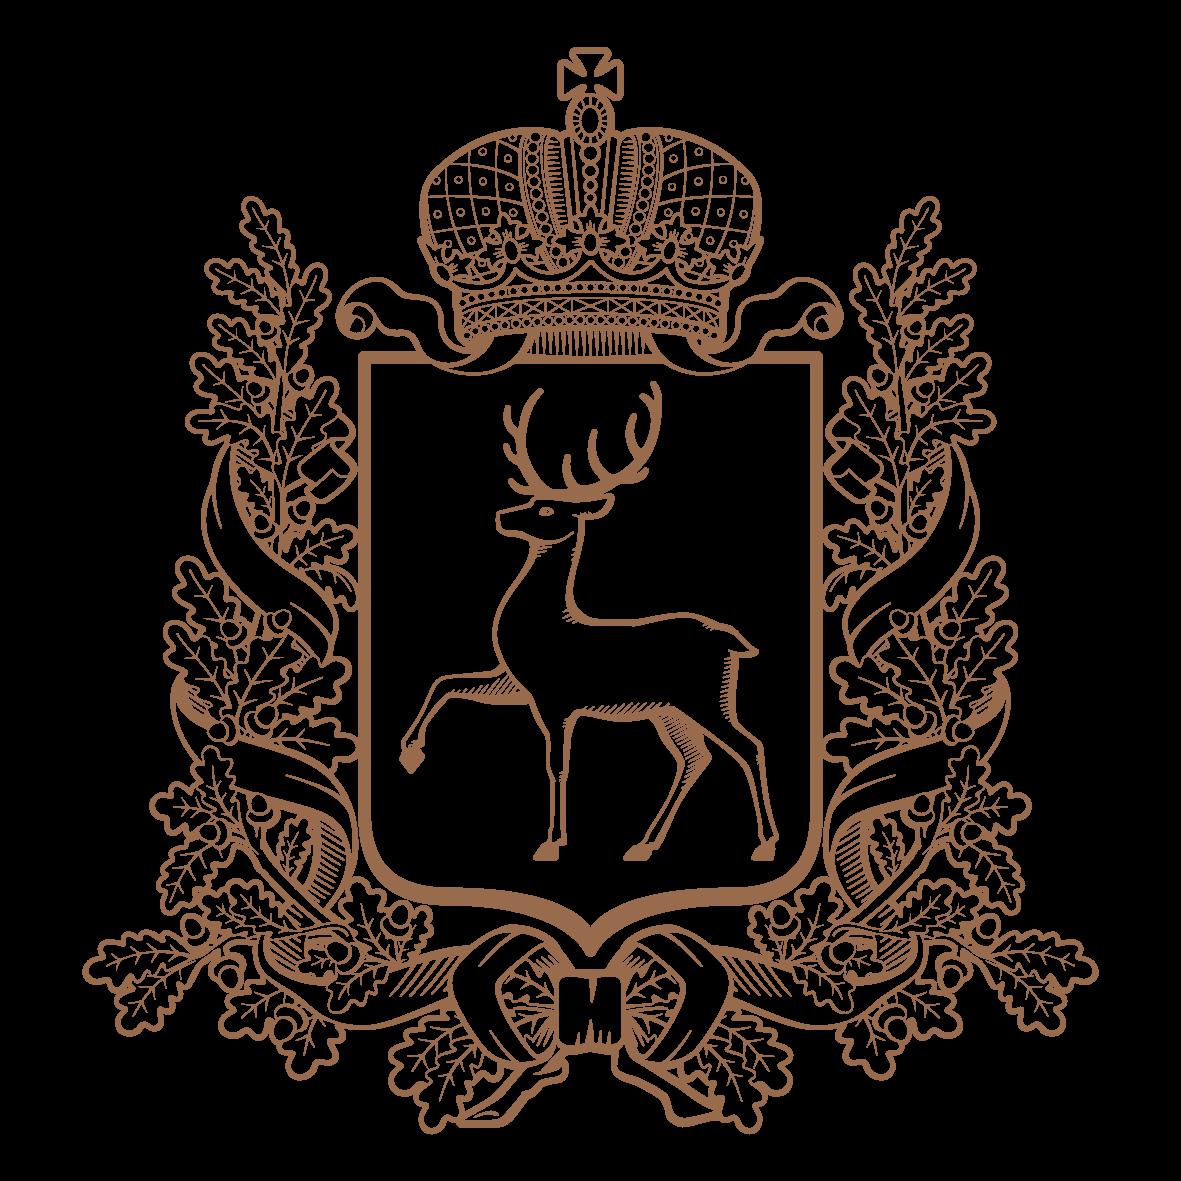 Администрация городского округа Навашинский